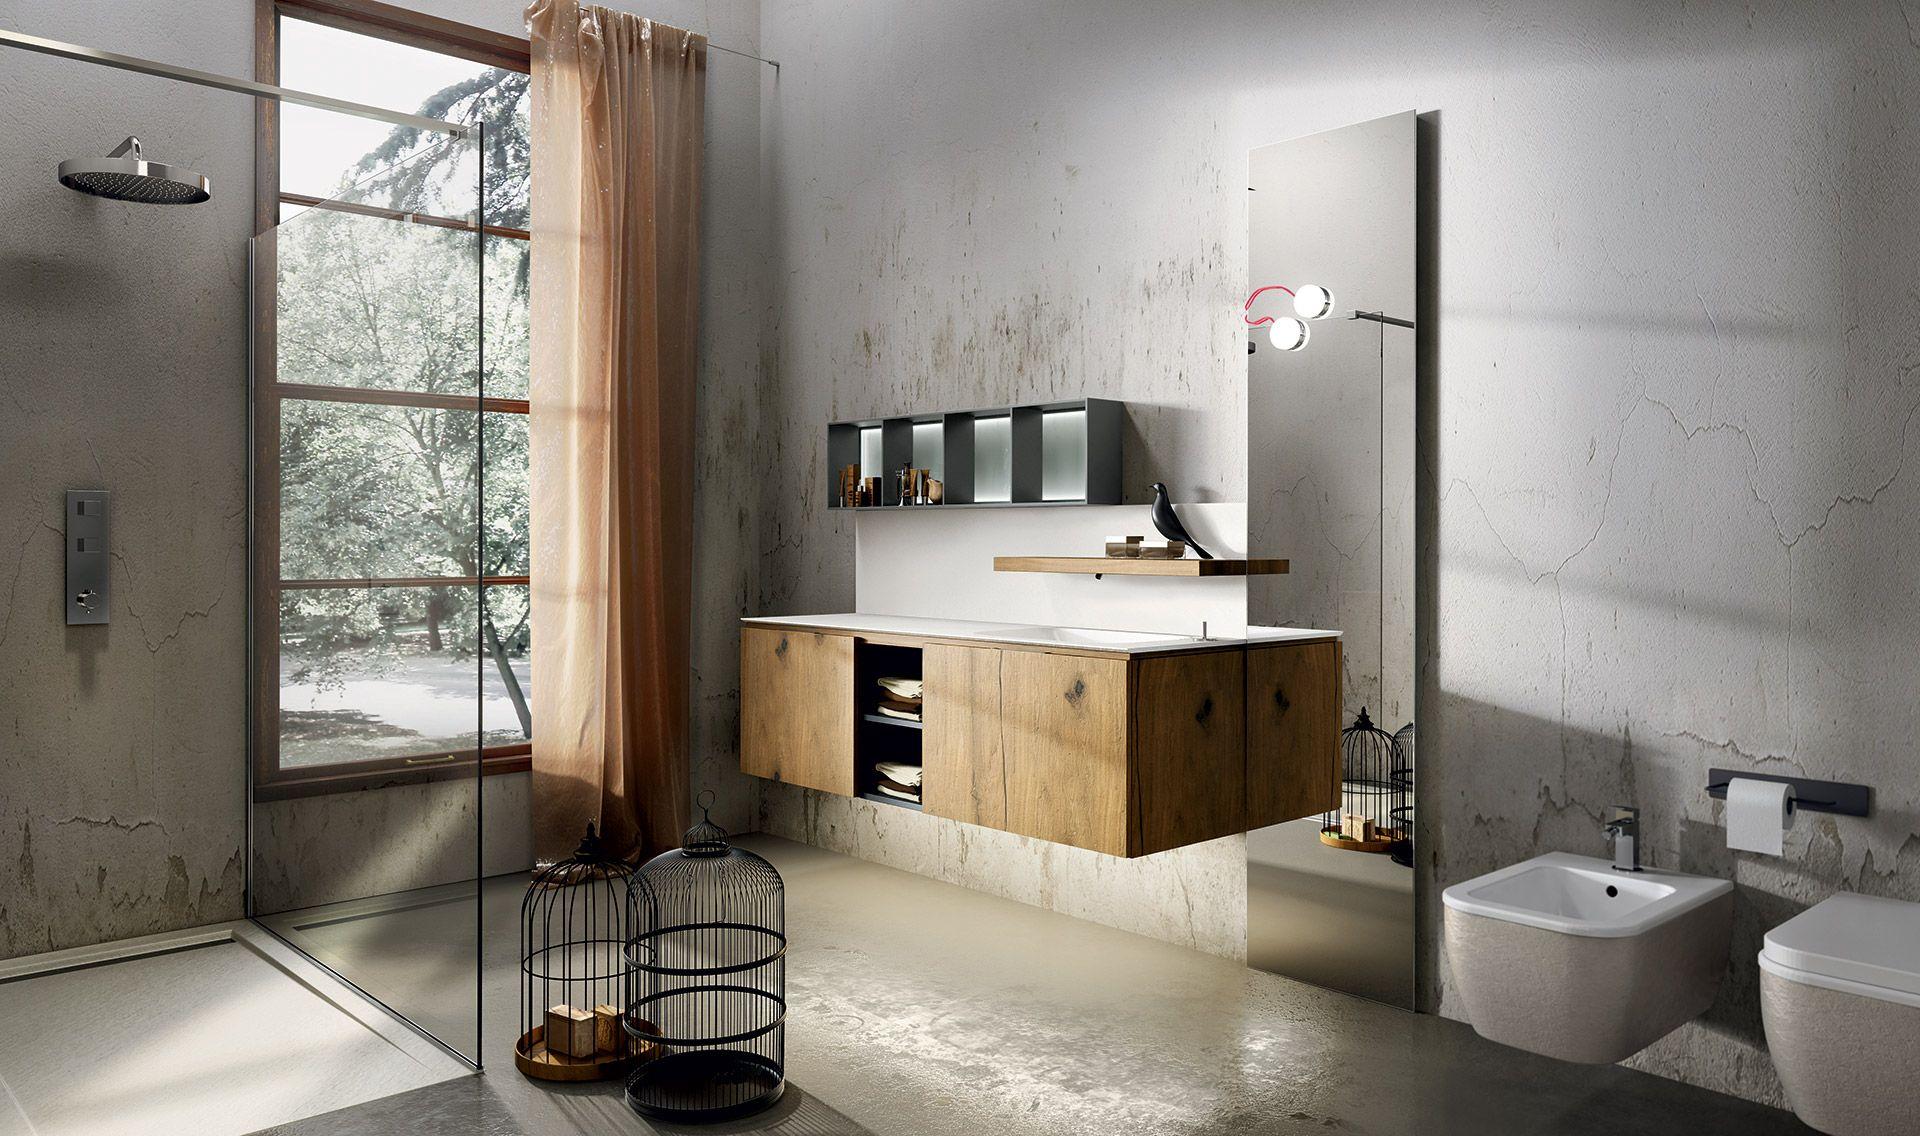 Bathroom vanity inspirations by edone design - Hope La Collezione Di Mobili Bagno Che Si Trasforma In Lavanderia Home Sweet Home 3 Pinterest